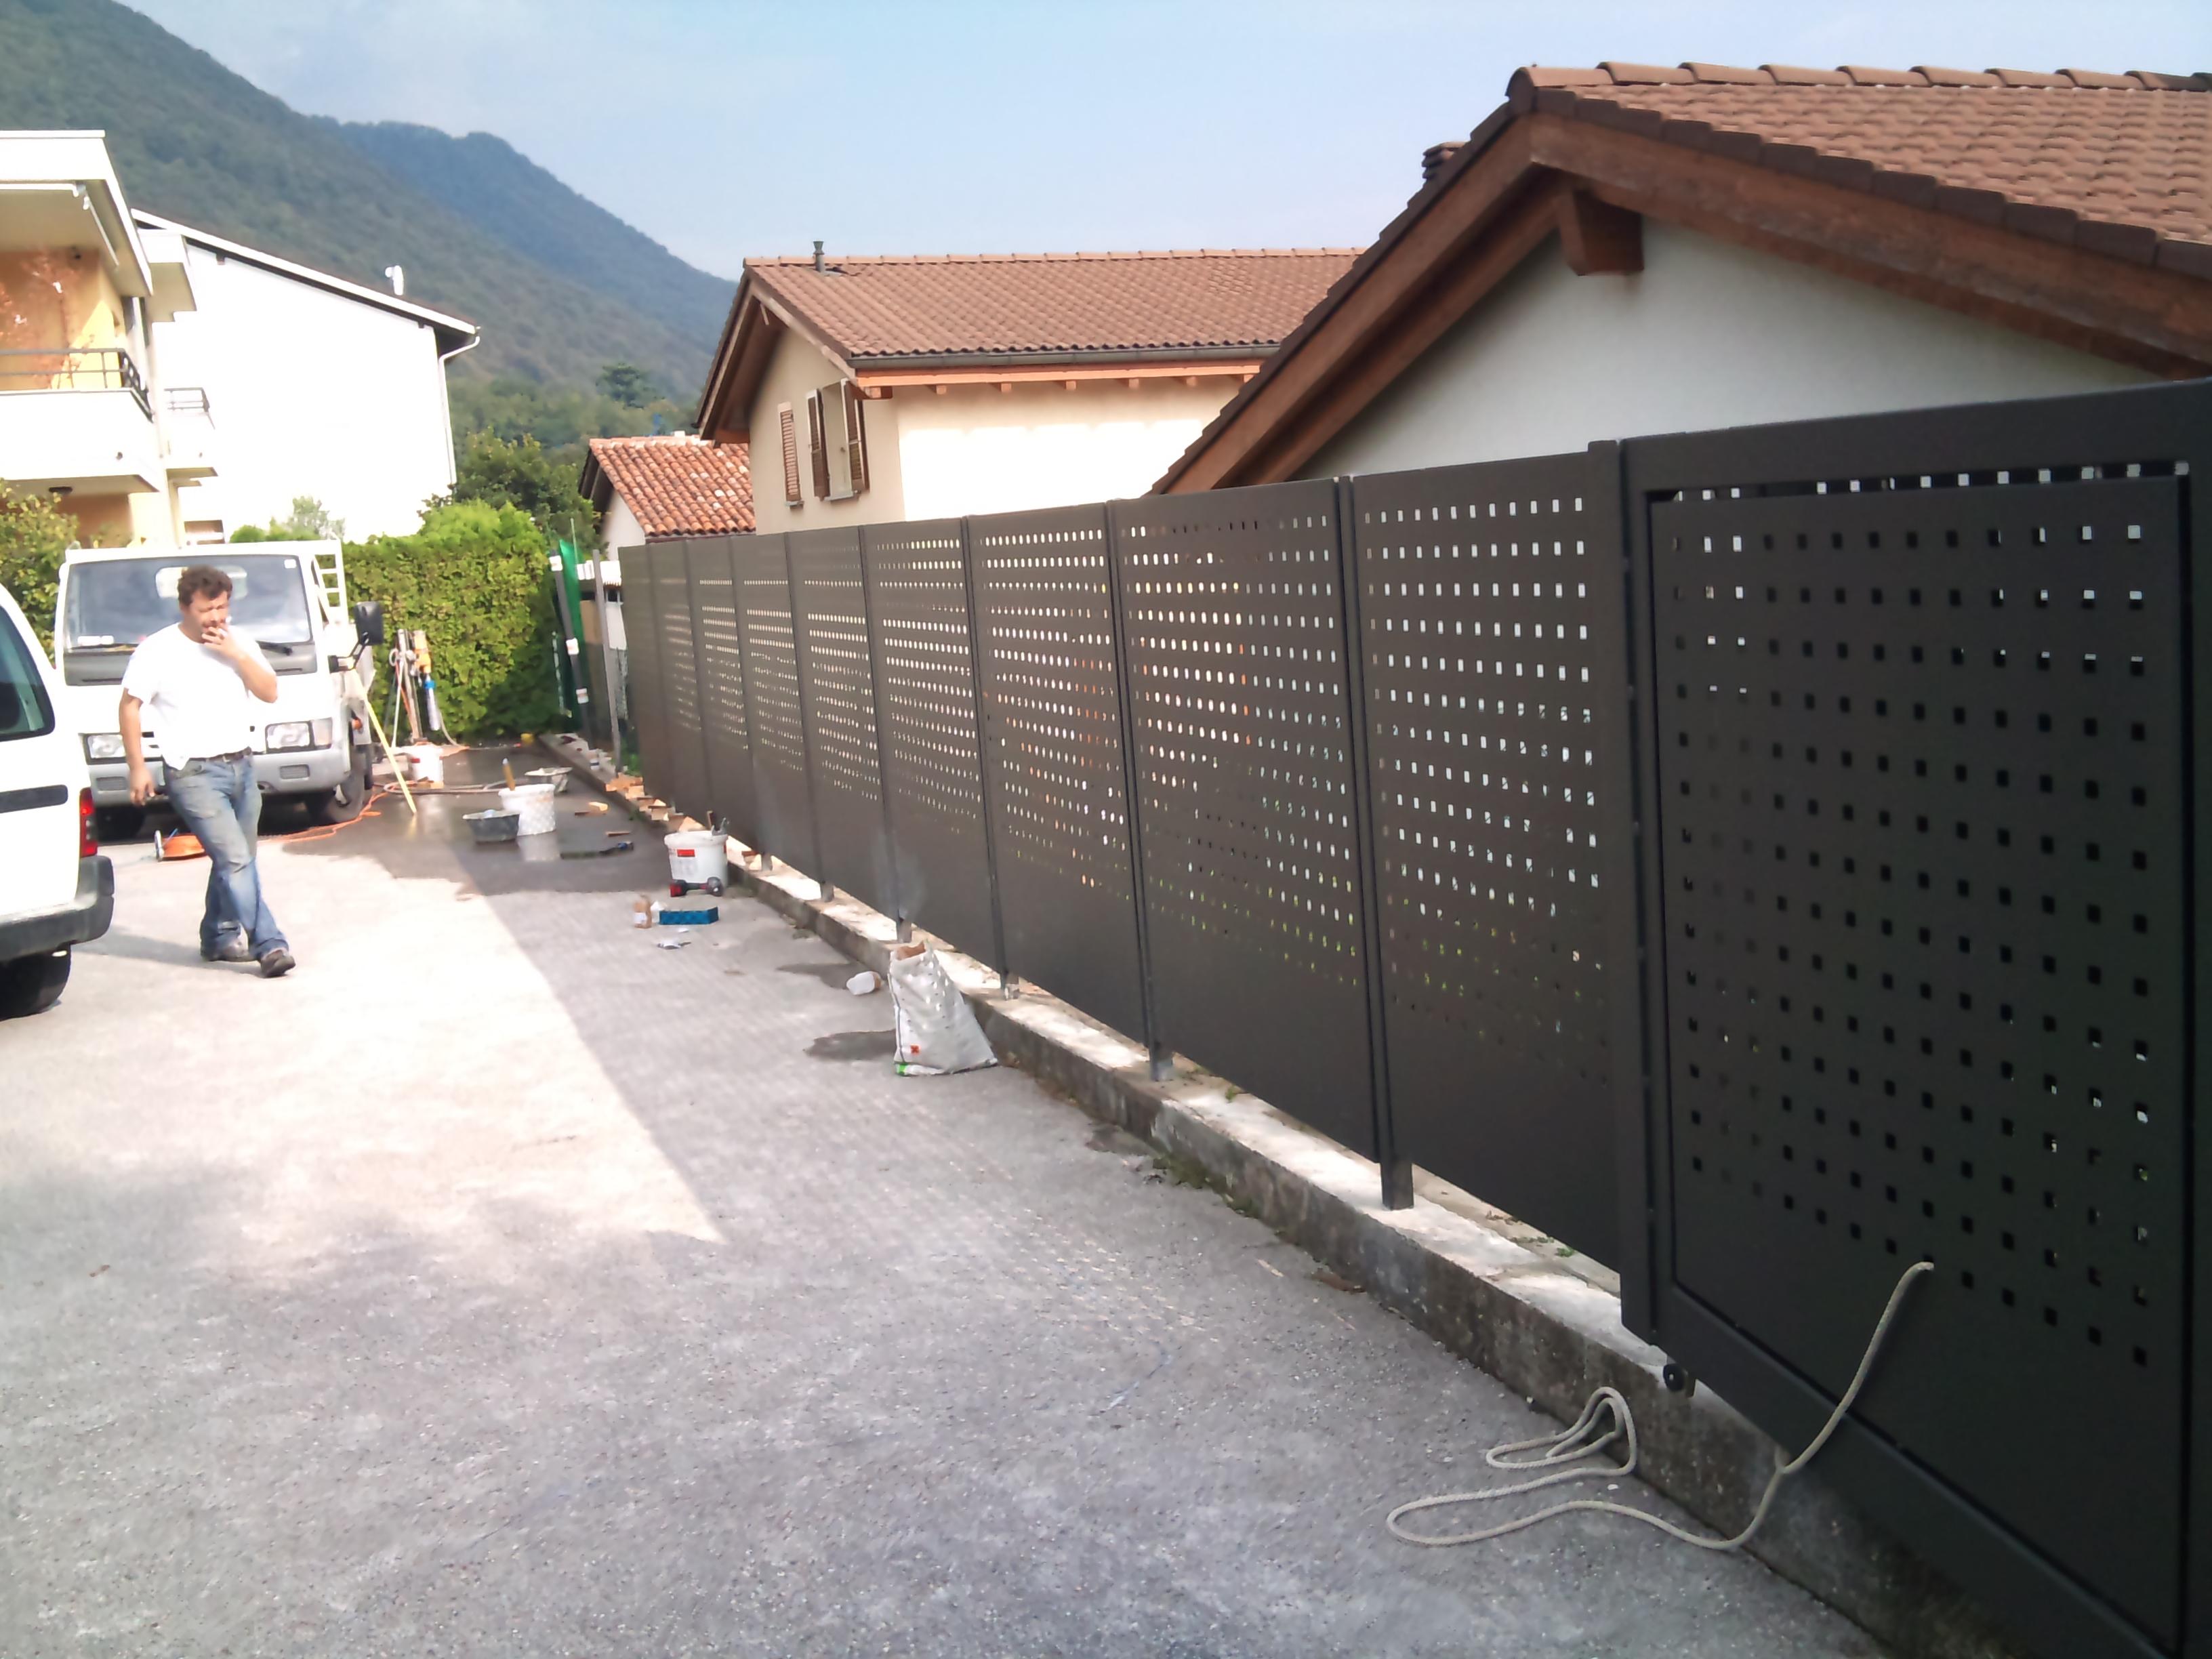 Sacchi - GRAVESANO 2